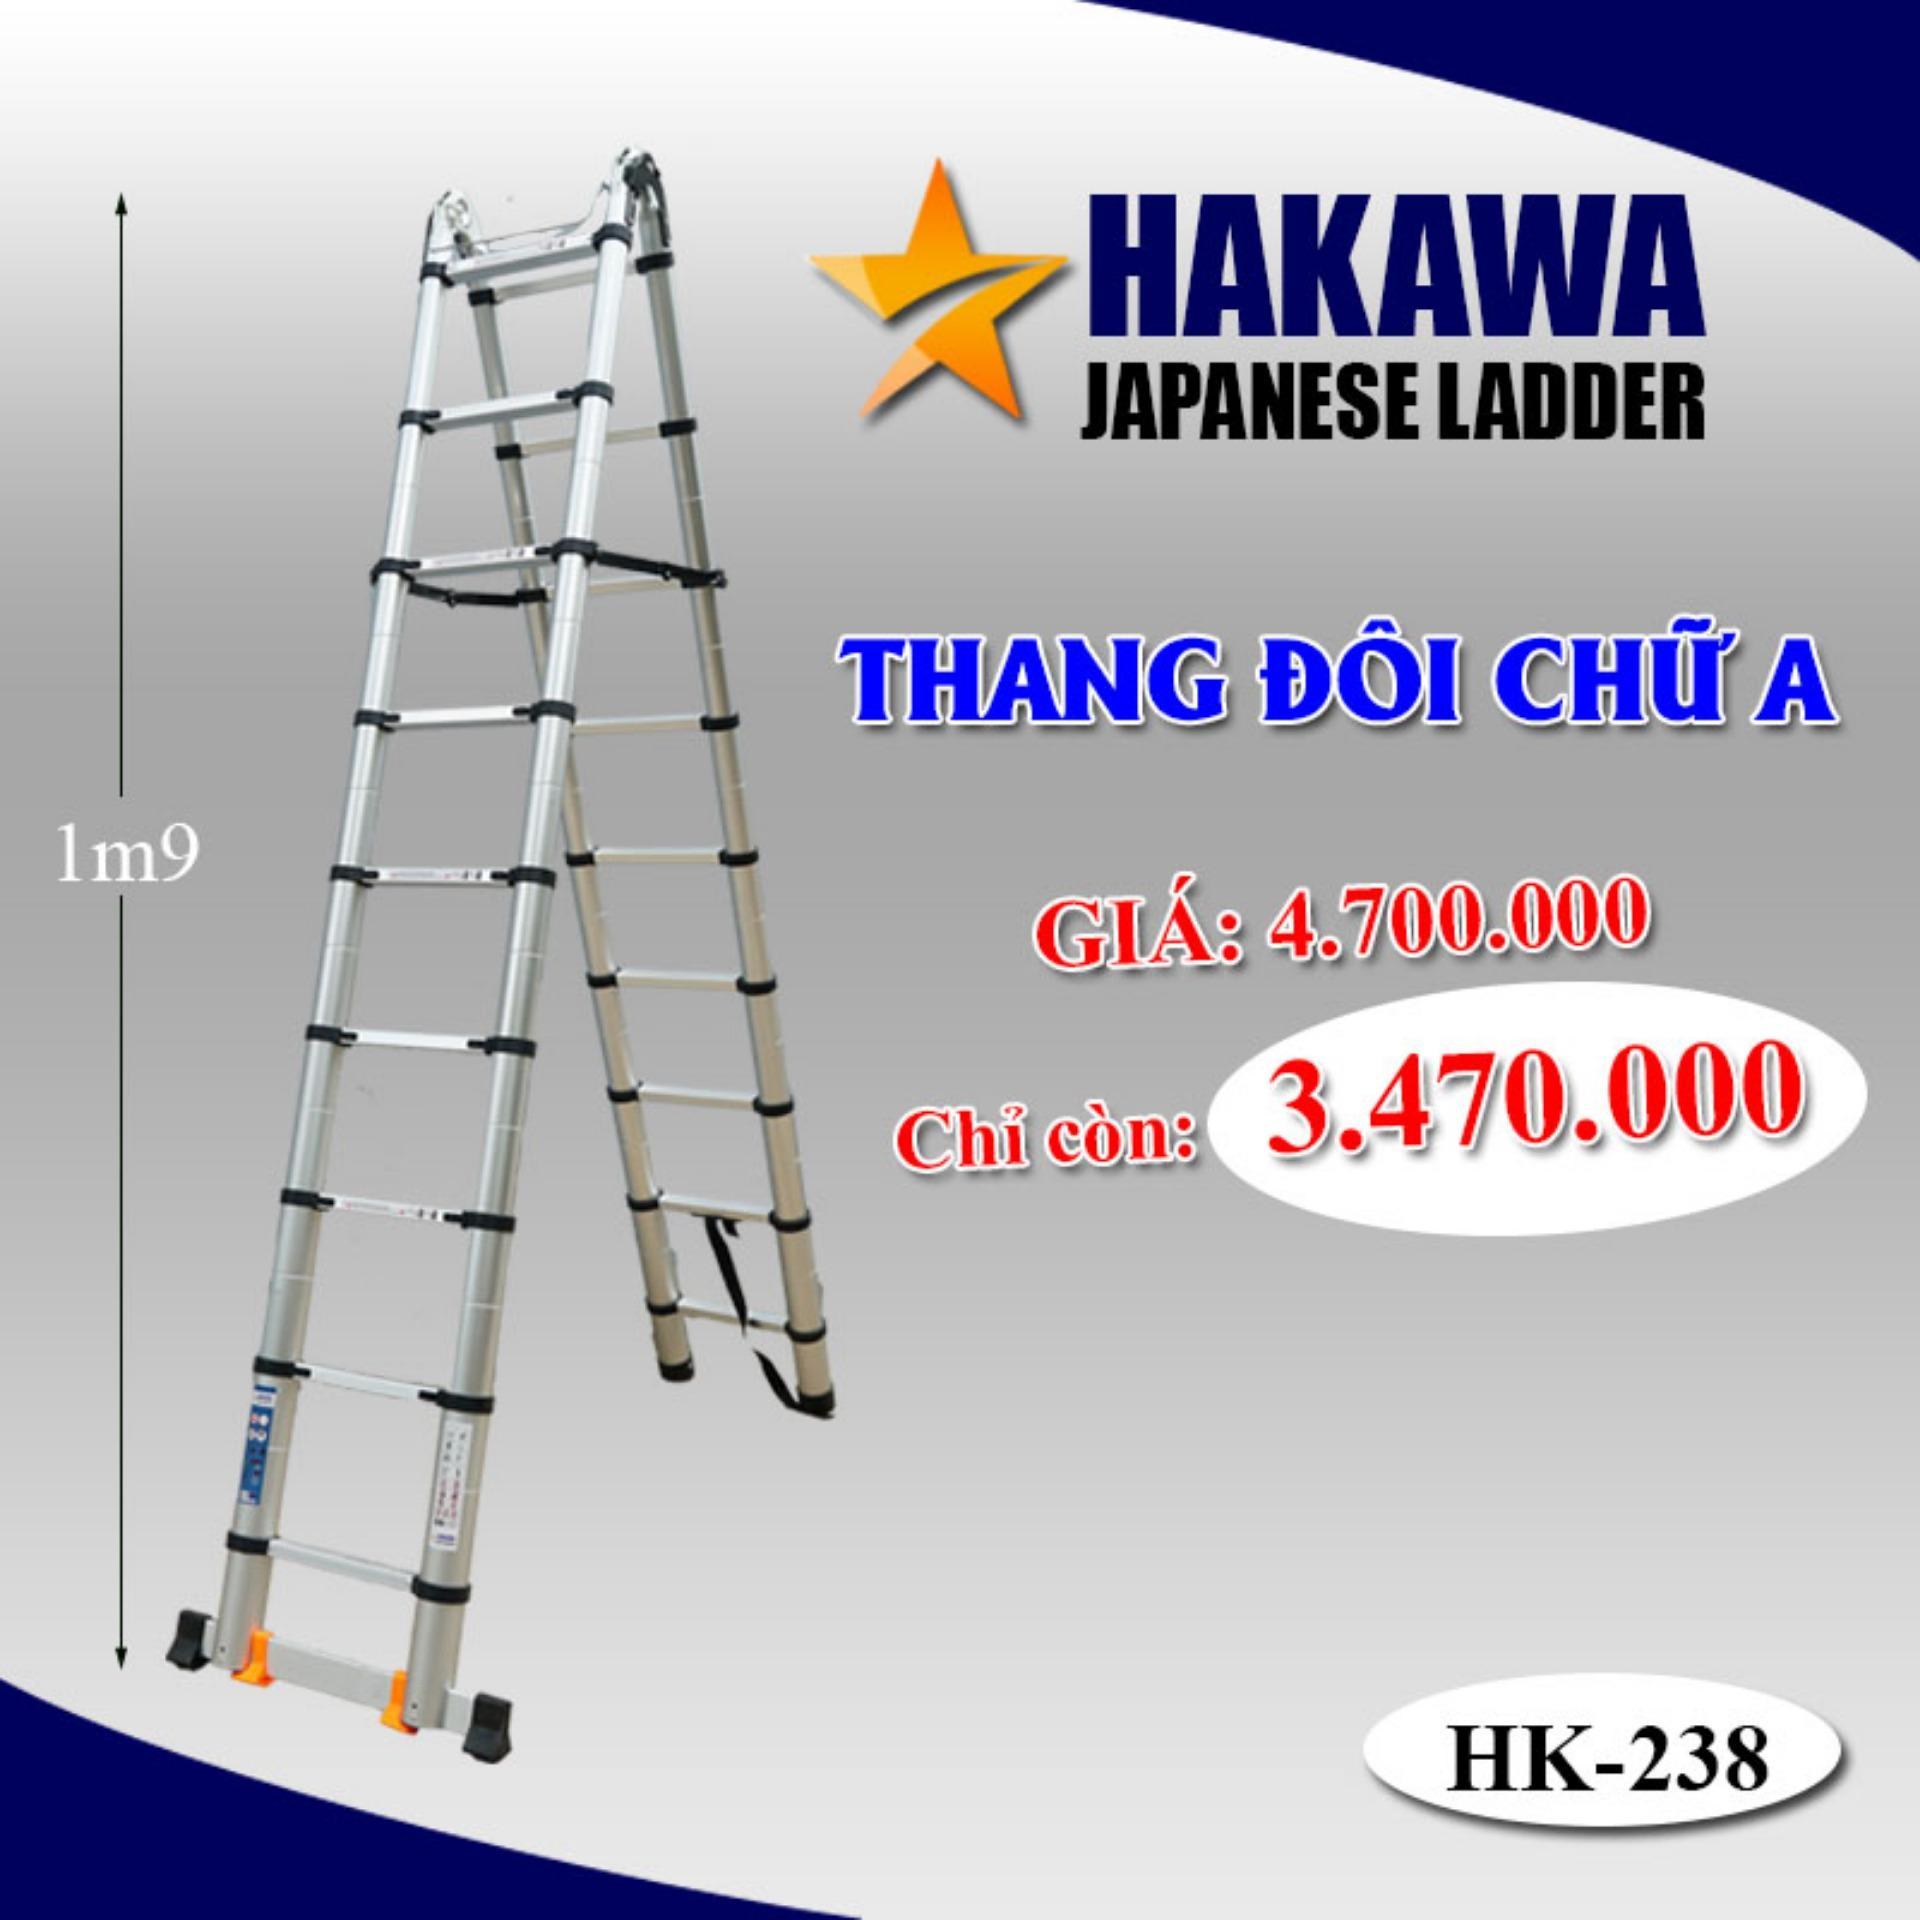 [MIỄN PHÍ GIAO HÀNG] Thang nhôm rút chữ A HAKAWA HK238  - Thang nhôm Nhật Bản , Tiện lợi , dễ dàng di chuyển